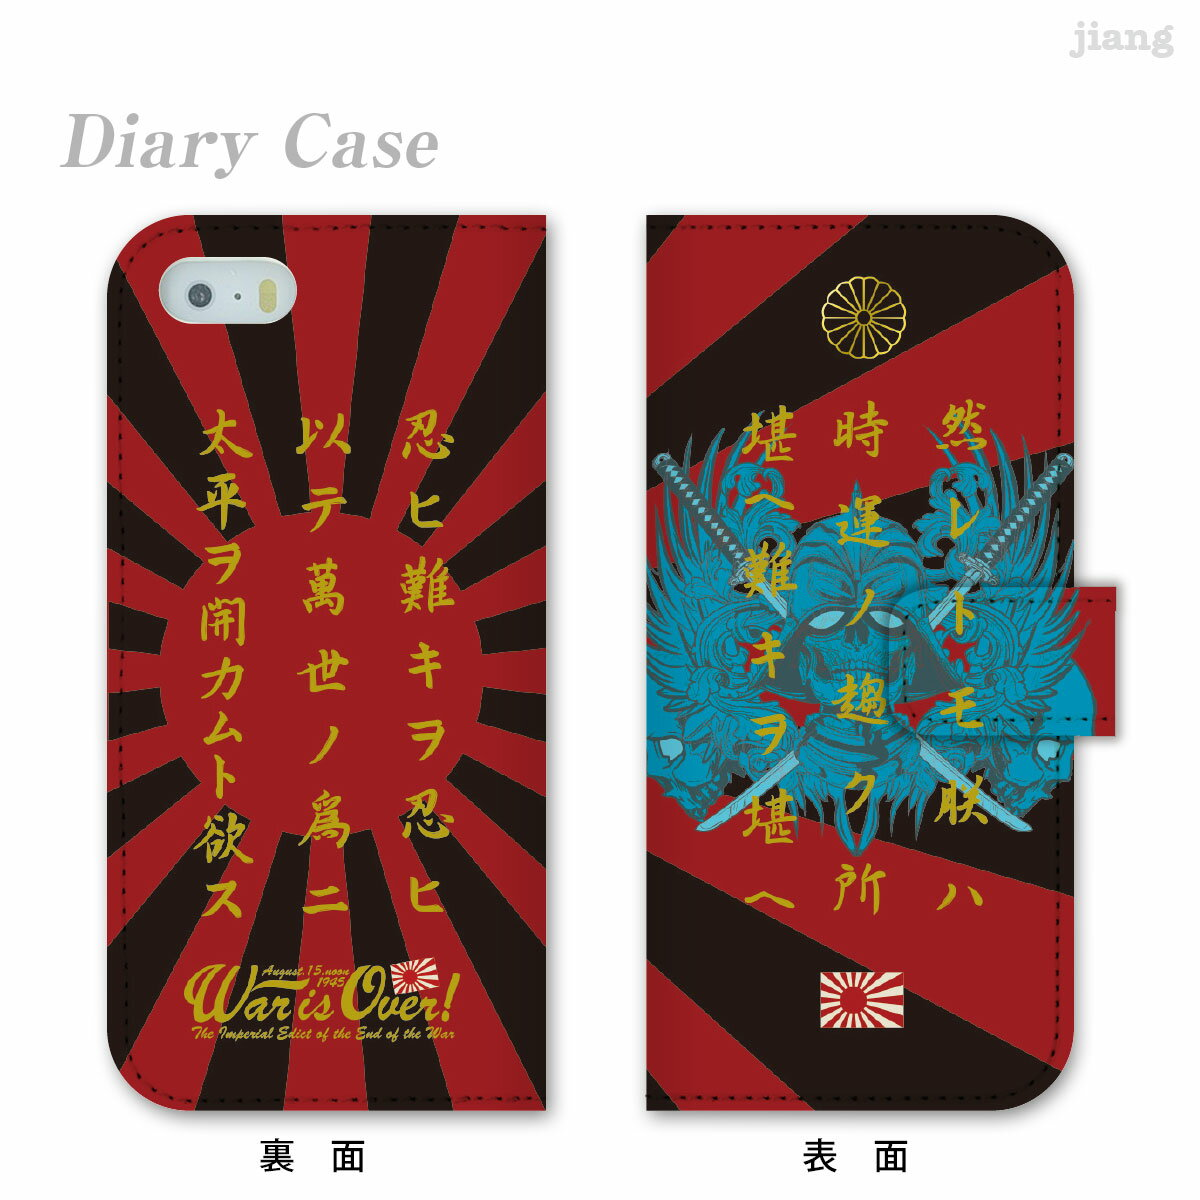 スマホケース 手帳型 全機種対応 手帳 ケース カバー レザー イラスト iPhone7 iPhone6s iPhone6 Plus iPhone SE iPhone5s Xperia X Performance SO-04H Z5 Z4 Z3 A4 SO-02H SO-01H SOV33 aquos SH-04H SHV34 Xx3 arrows F-03H galaxy ドラゴン 龍 01-ip5-ds2387